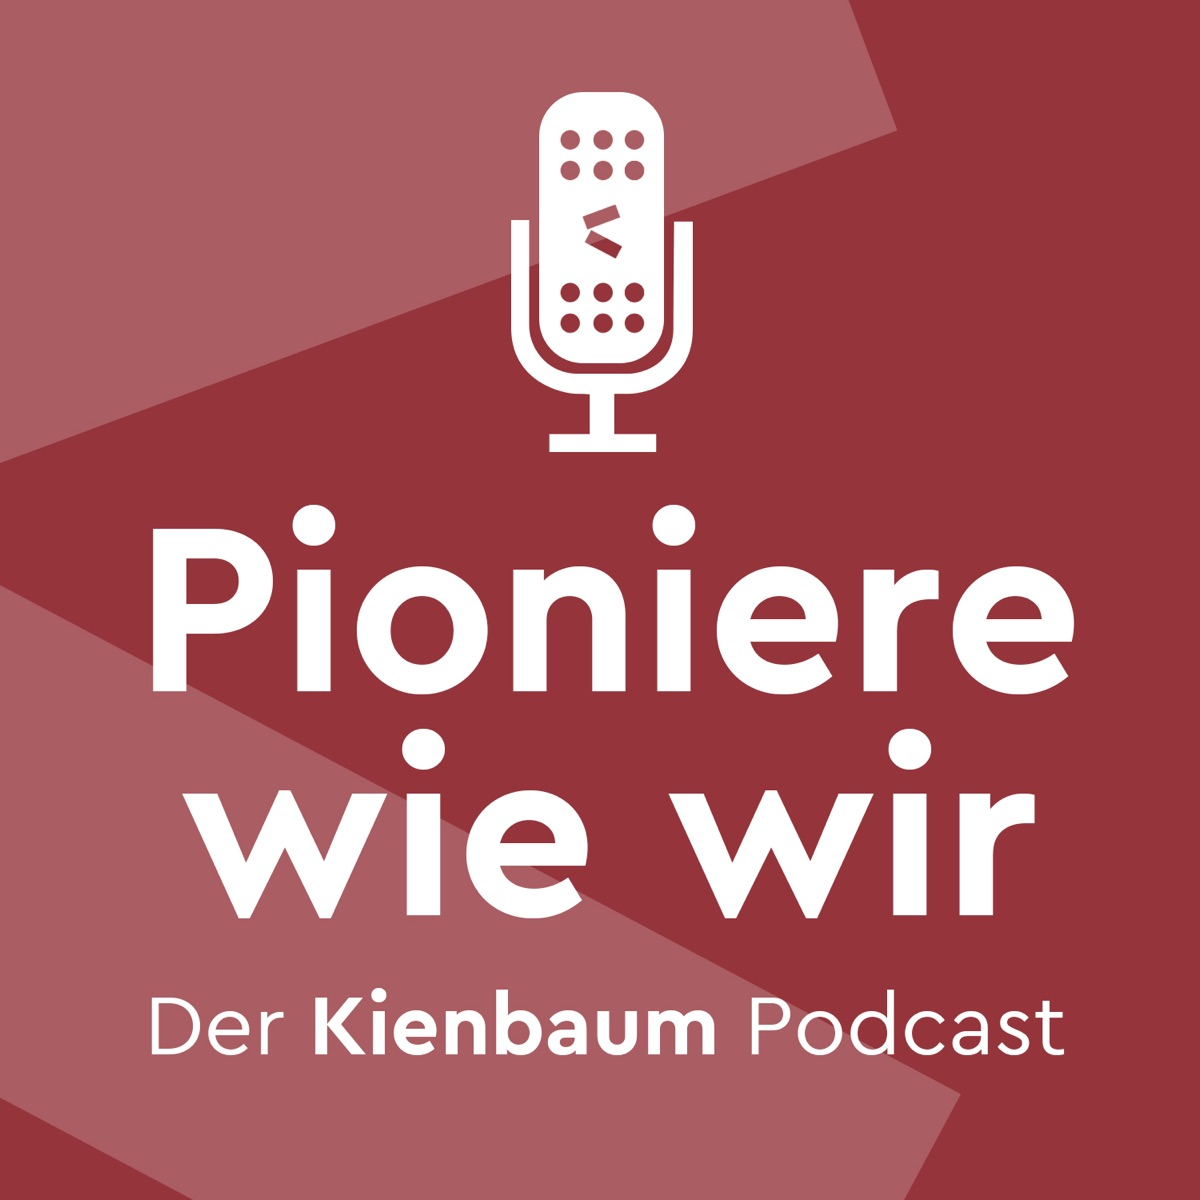 Pioniere wie wir - Der Kienbaum Podcast